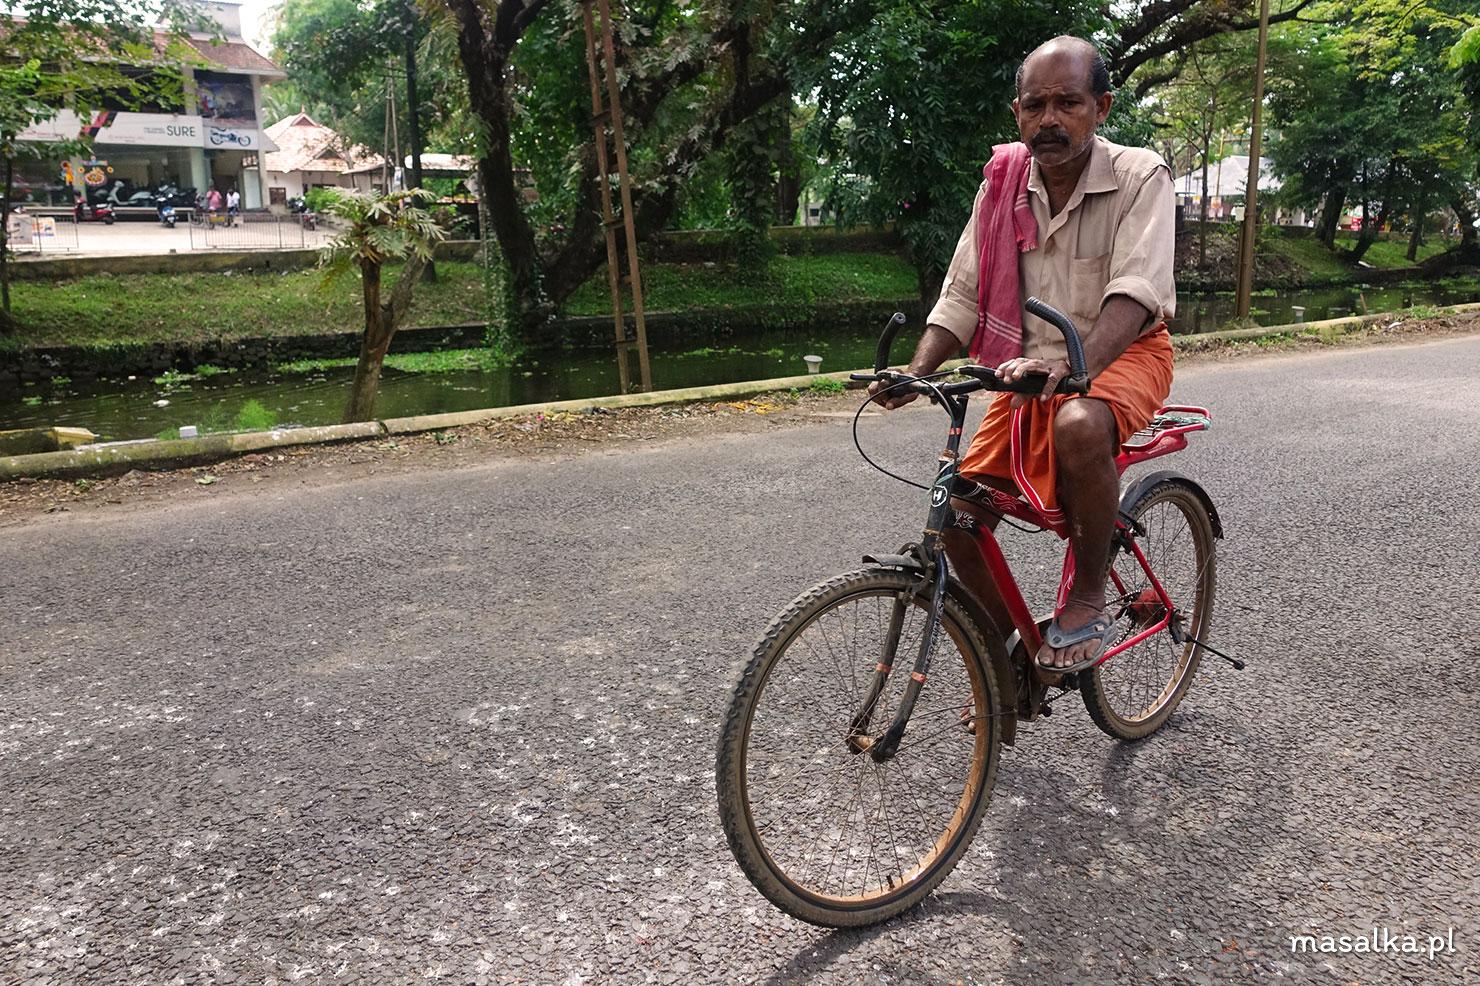 Keralska moda